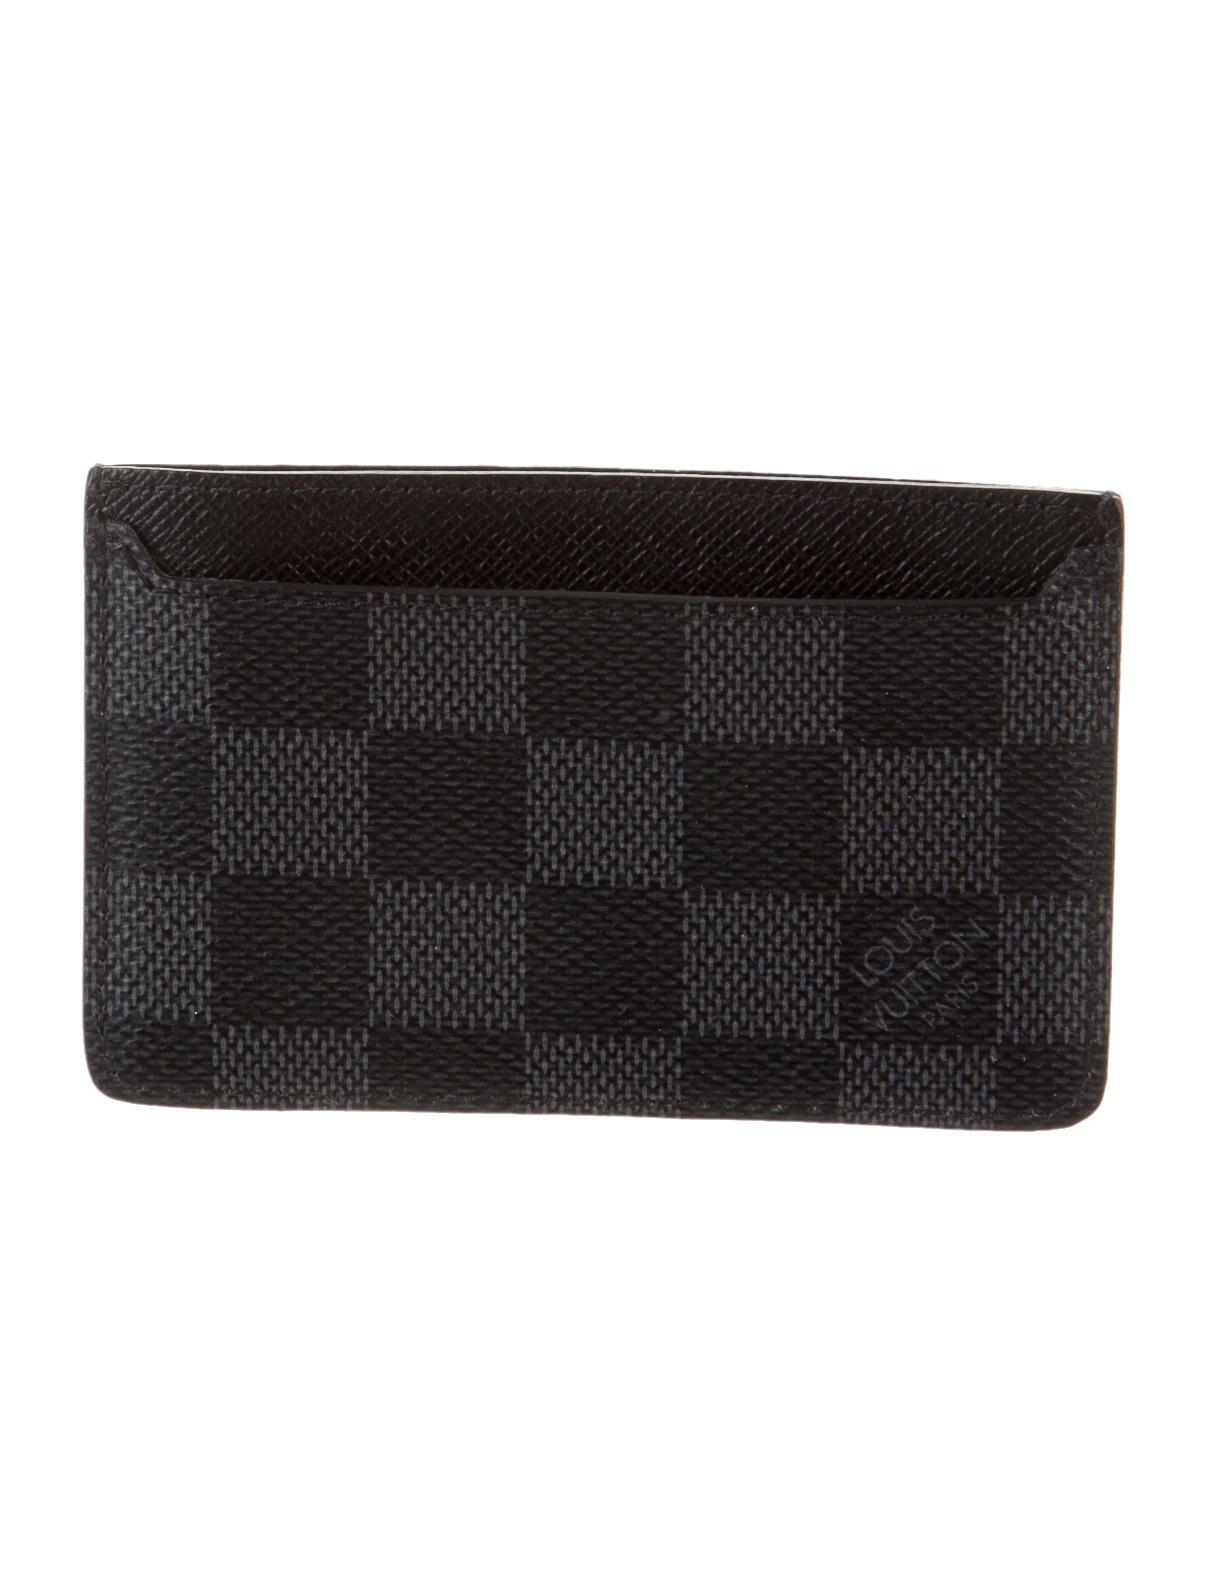 945d8bab44cb Louis Vuitton Neo Porte Cartes Cardholder - Accessories - LOU61167 ...